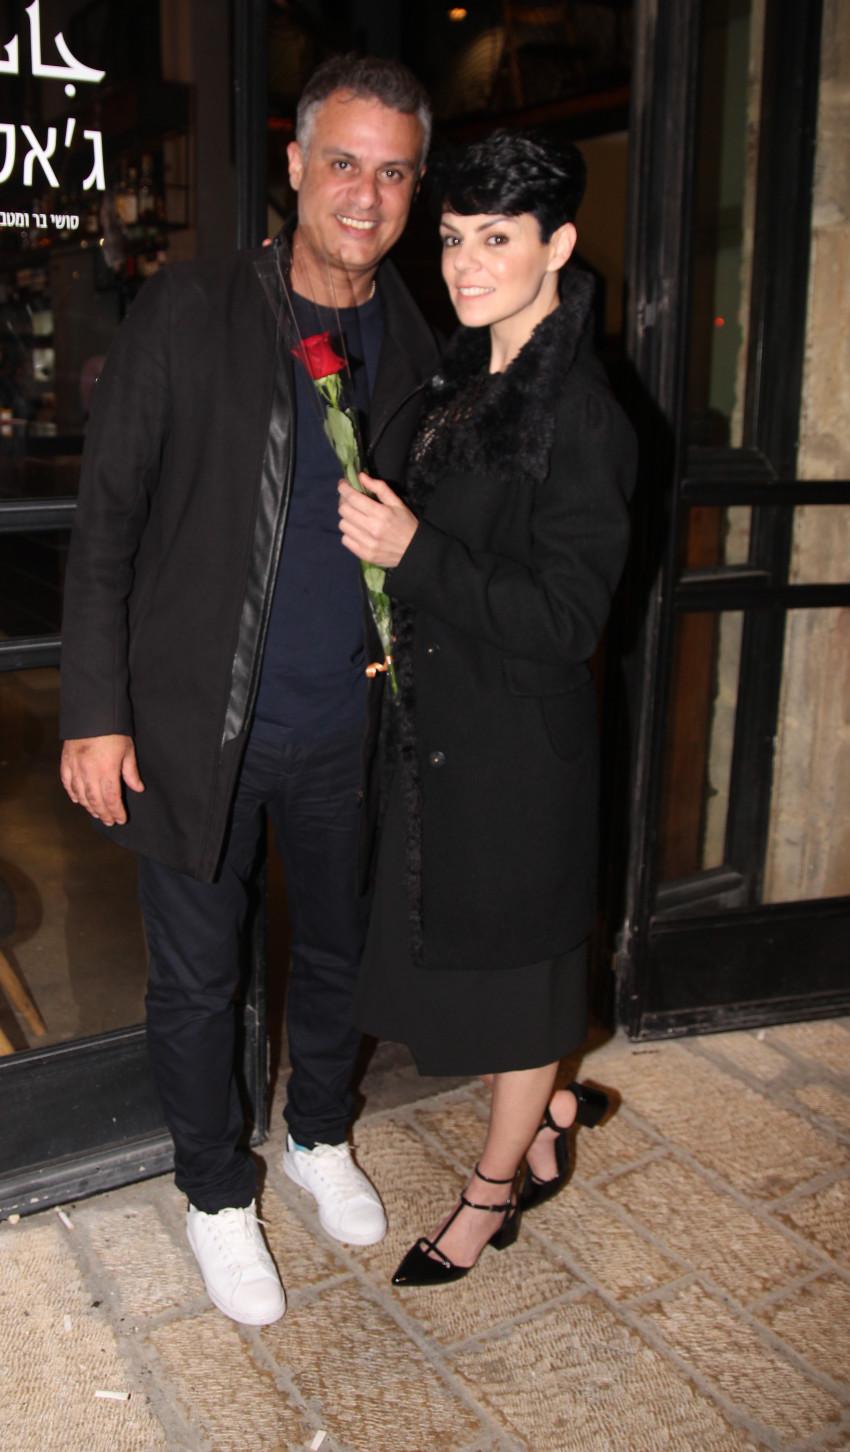 דנה רון ויריב נתי (צילום: רפי דלויה)